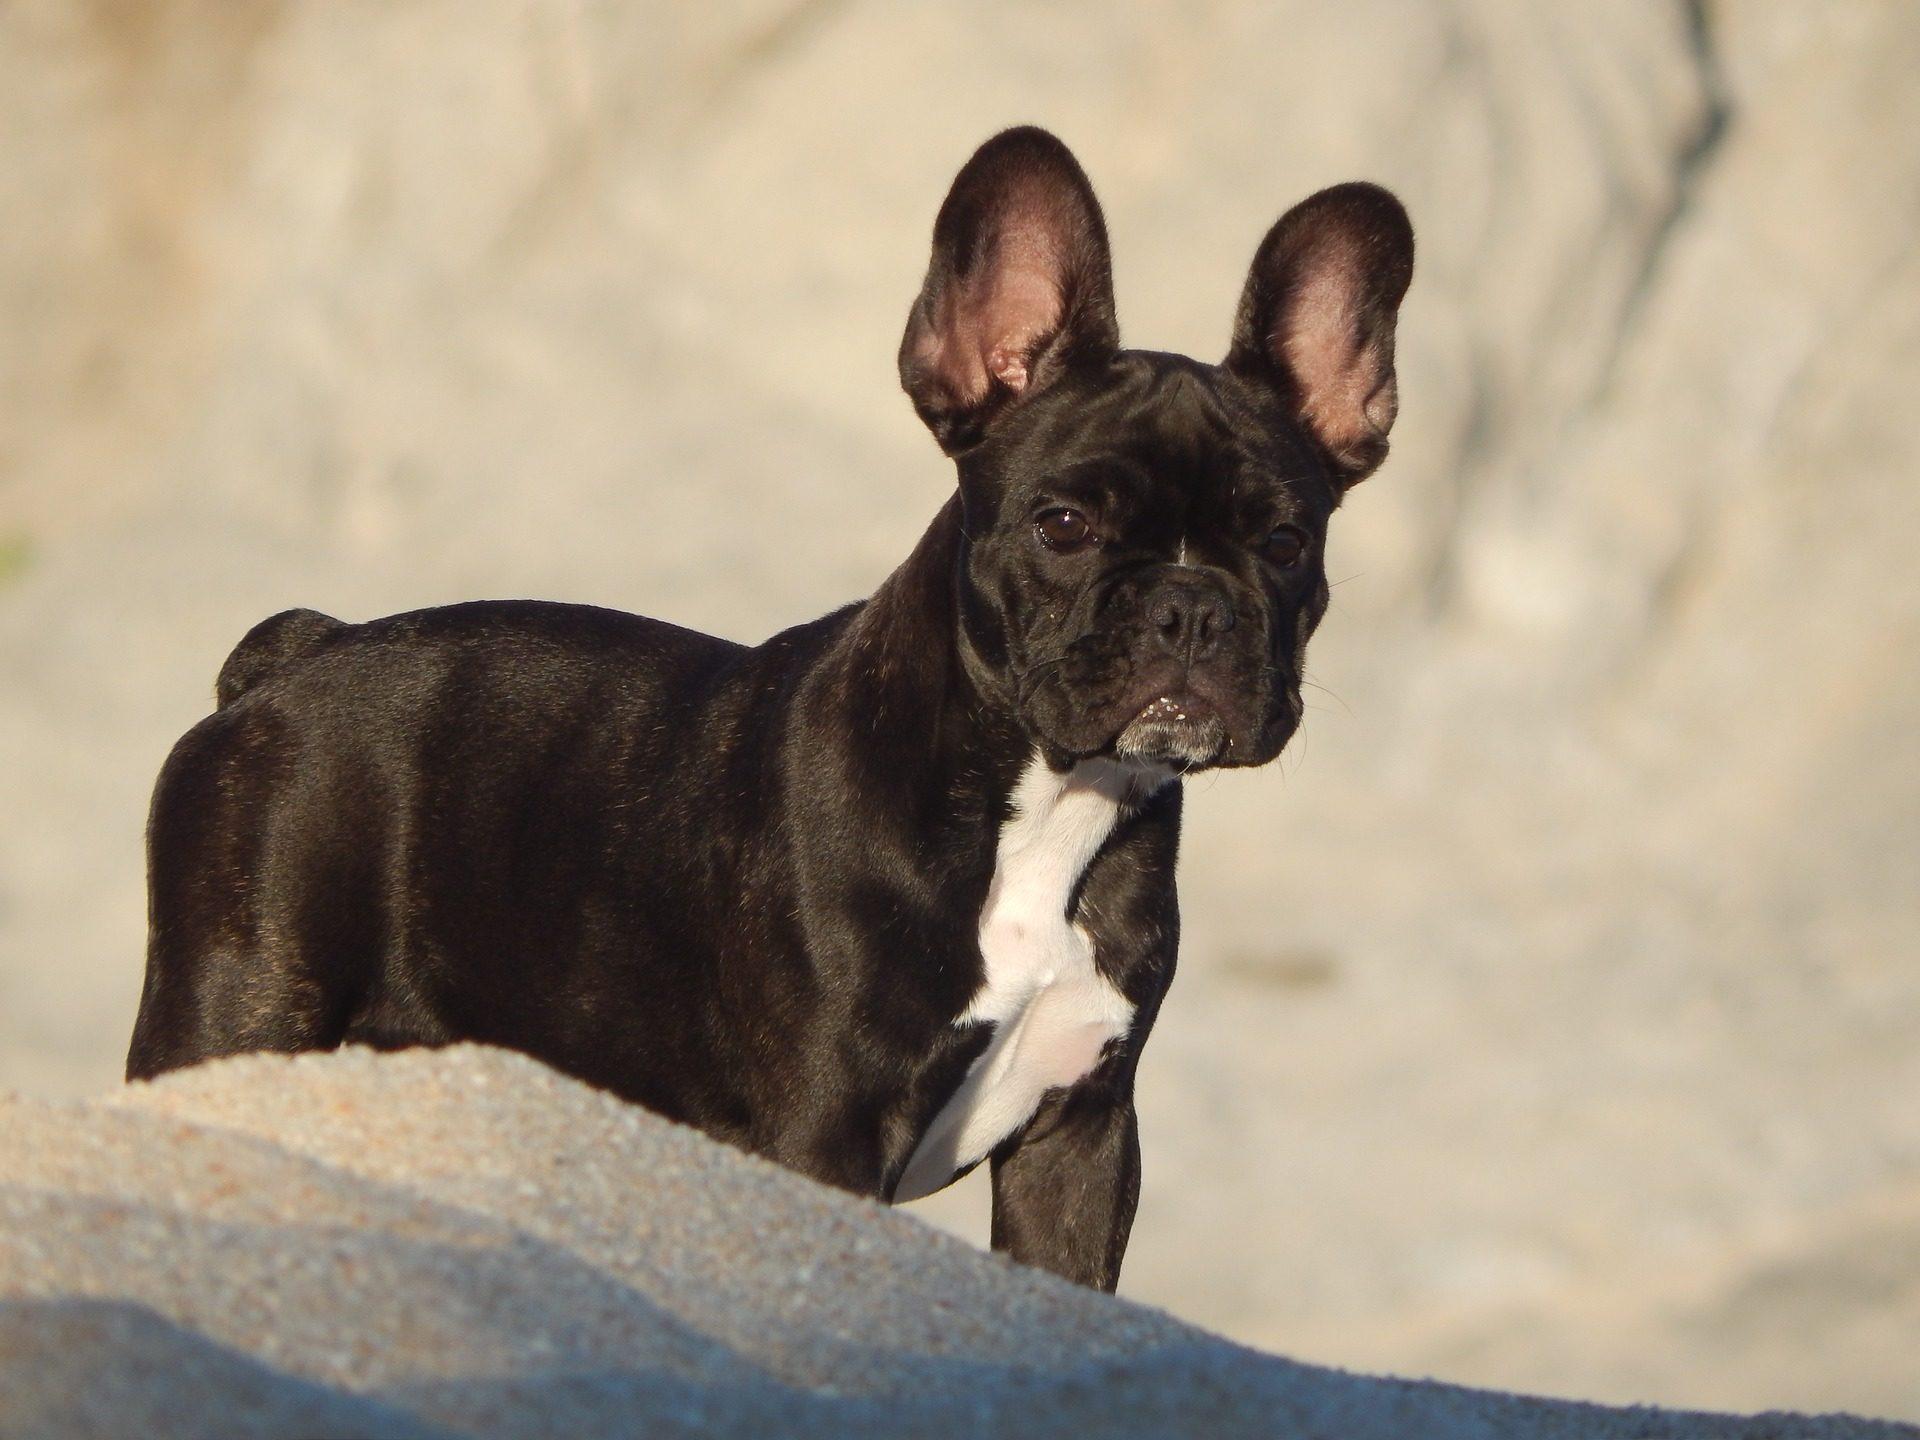 狗, 宠物, 斗牛犬, 法语, 海滩, 沙子 - 高清壁纸 - 教授-falken.com